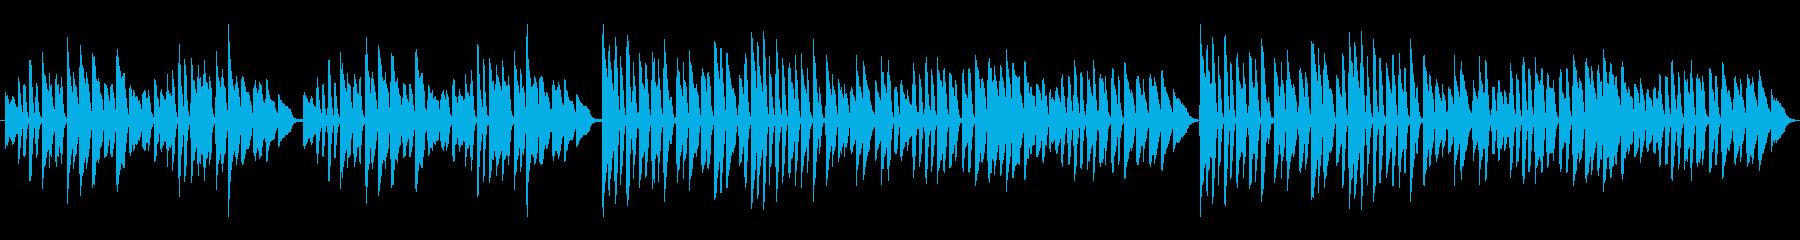 オペラ ほのぼの 幸せ ピアノの再生済みの波形